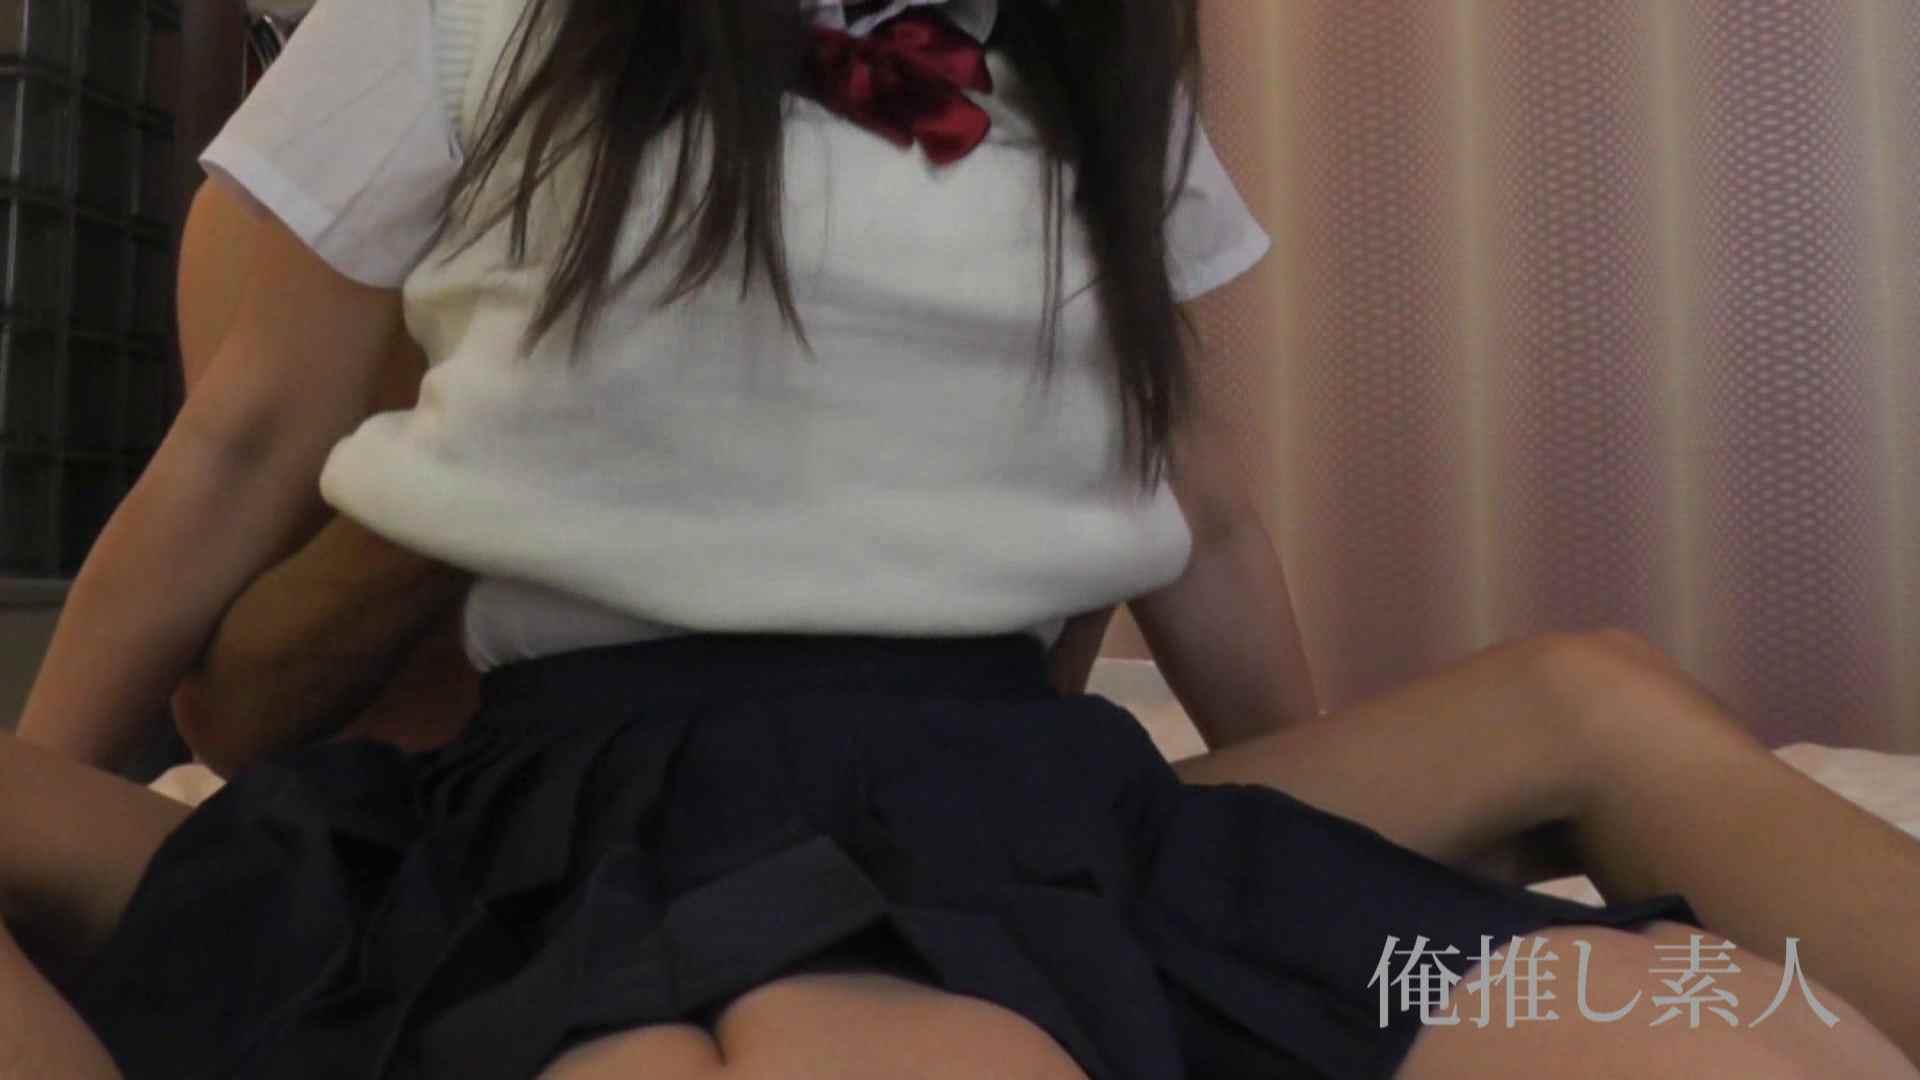 俺推し素人 EカップシングルマザーOL30歳瑤子vol4 一般投稿 ヌード画像 52pic 18